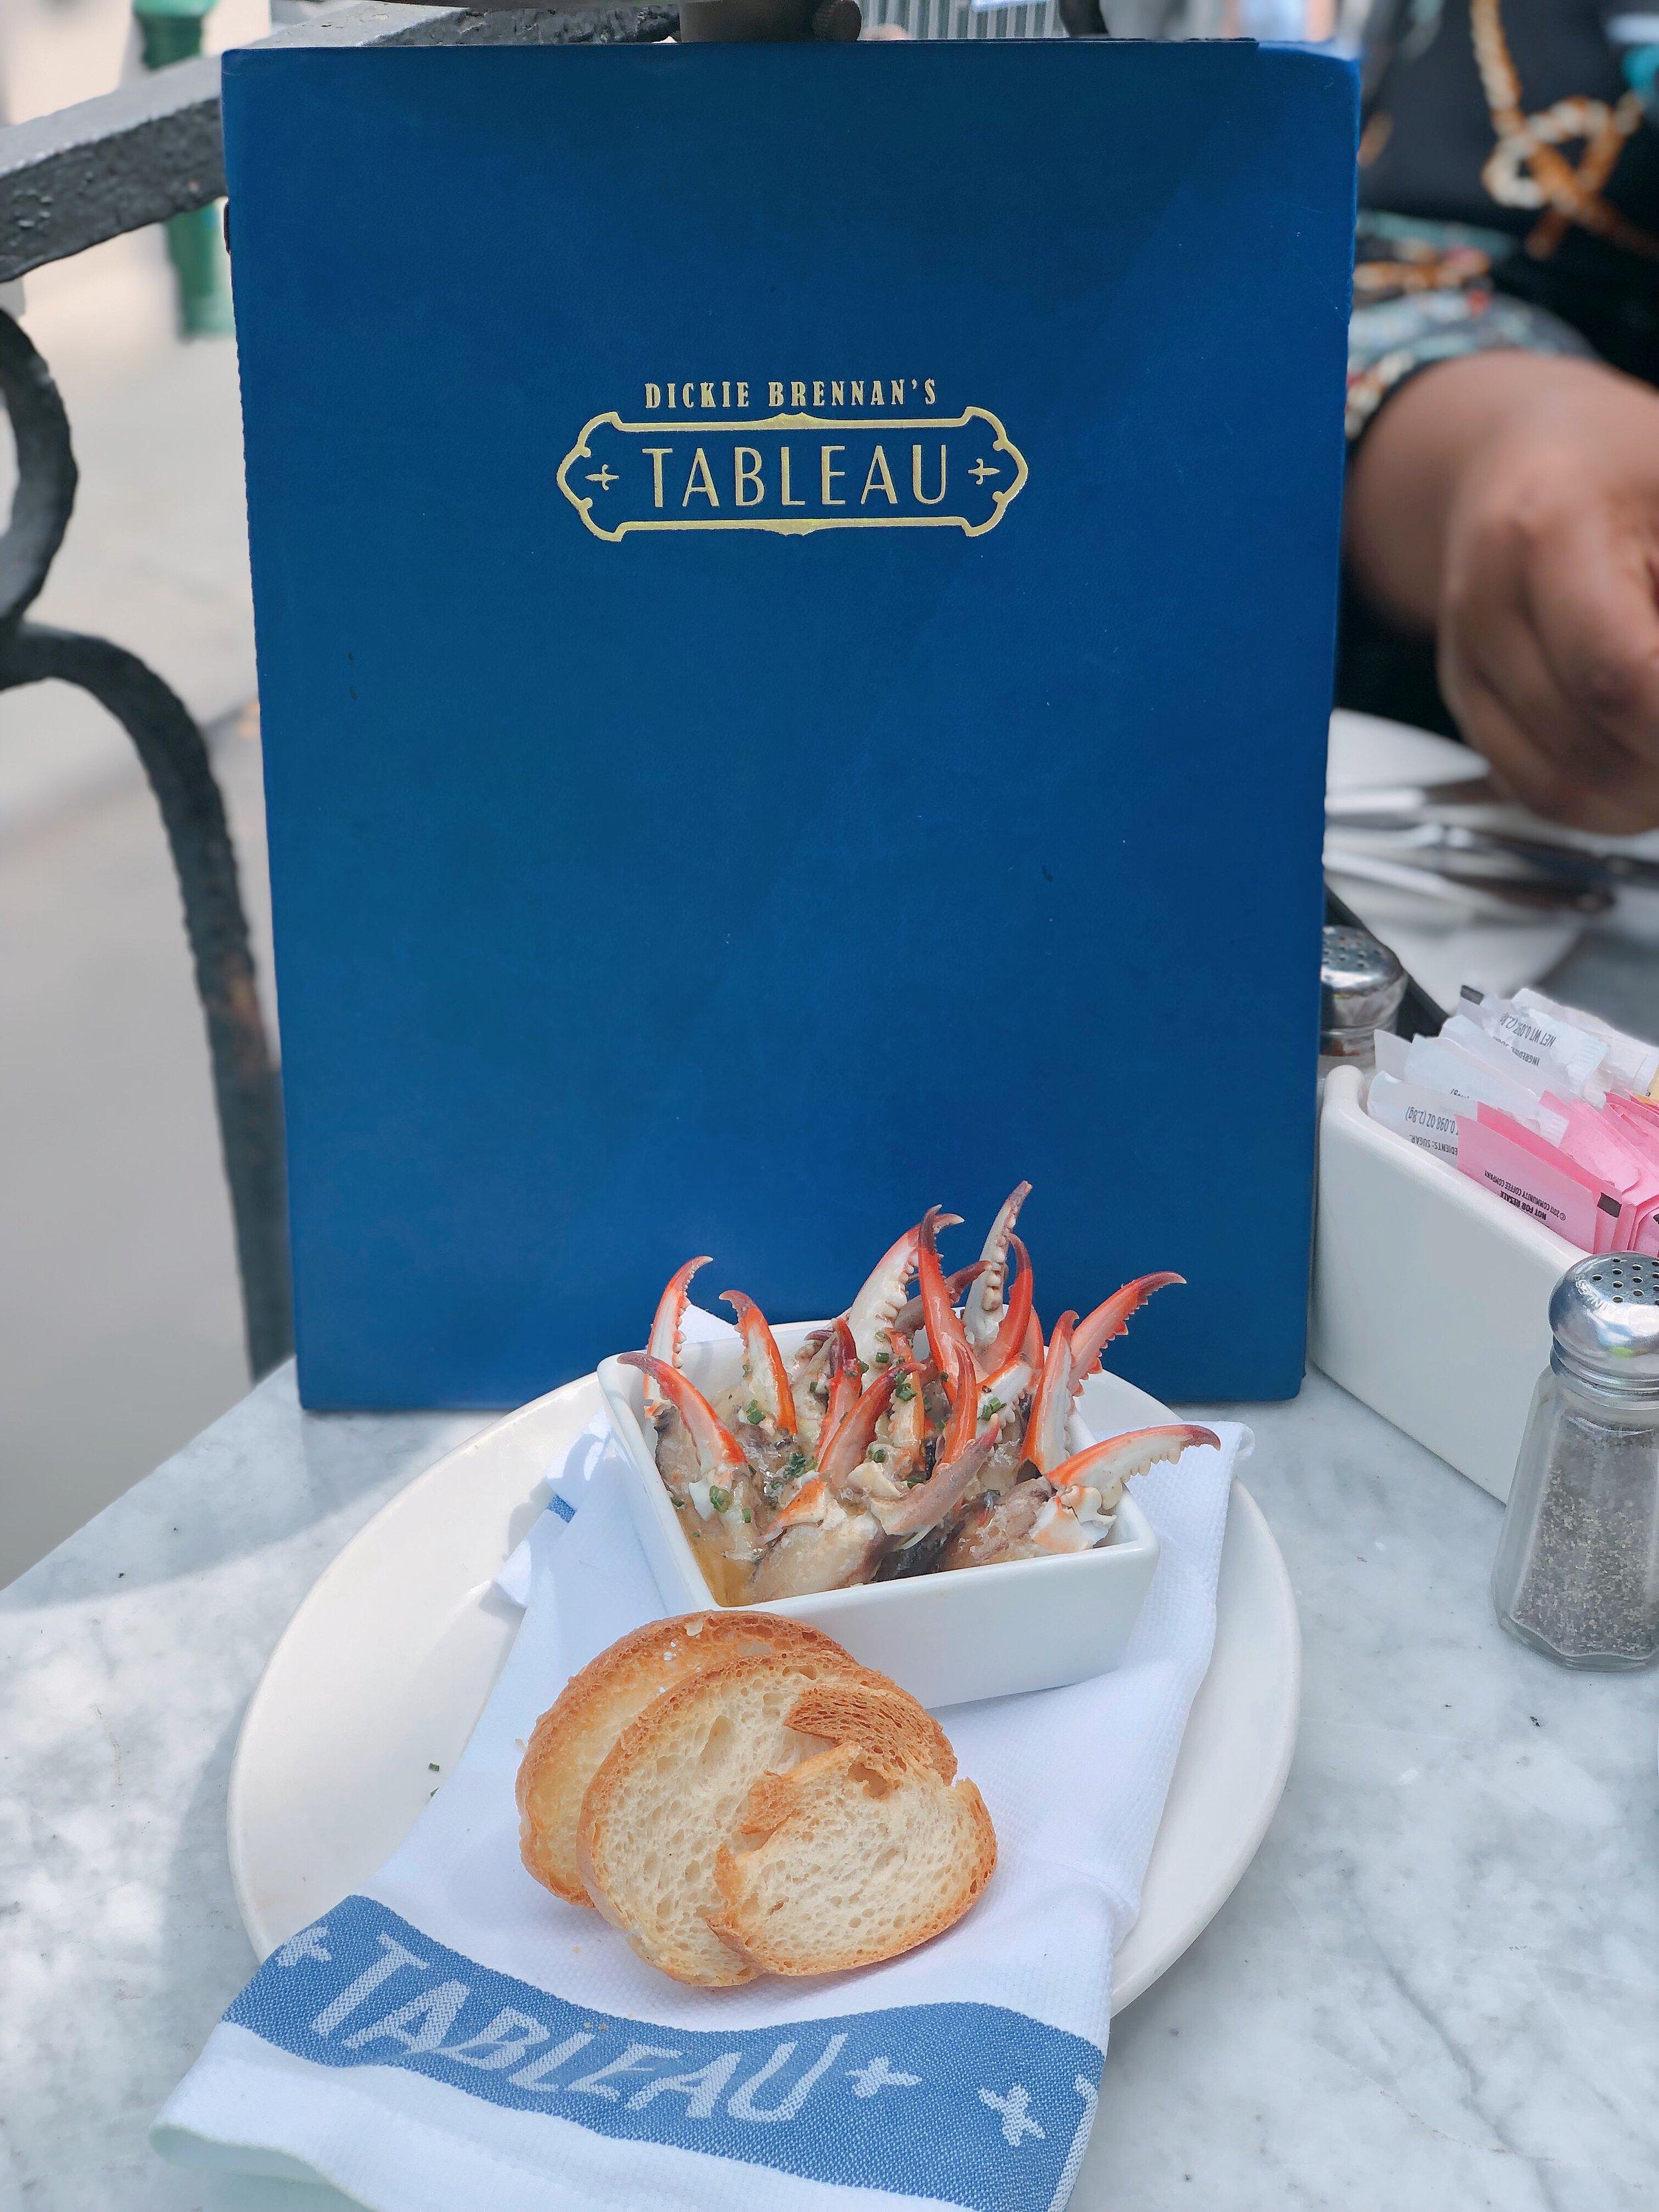 Tableau Truffled Crab Claws.jpg